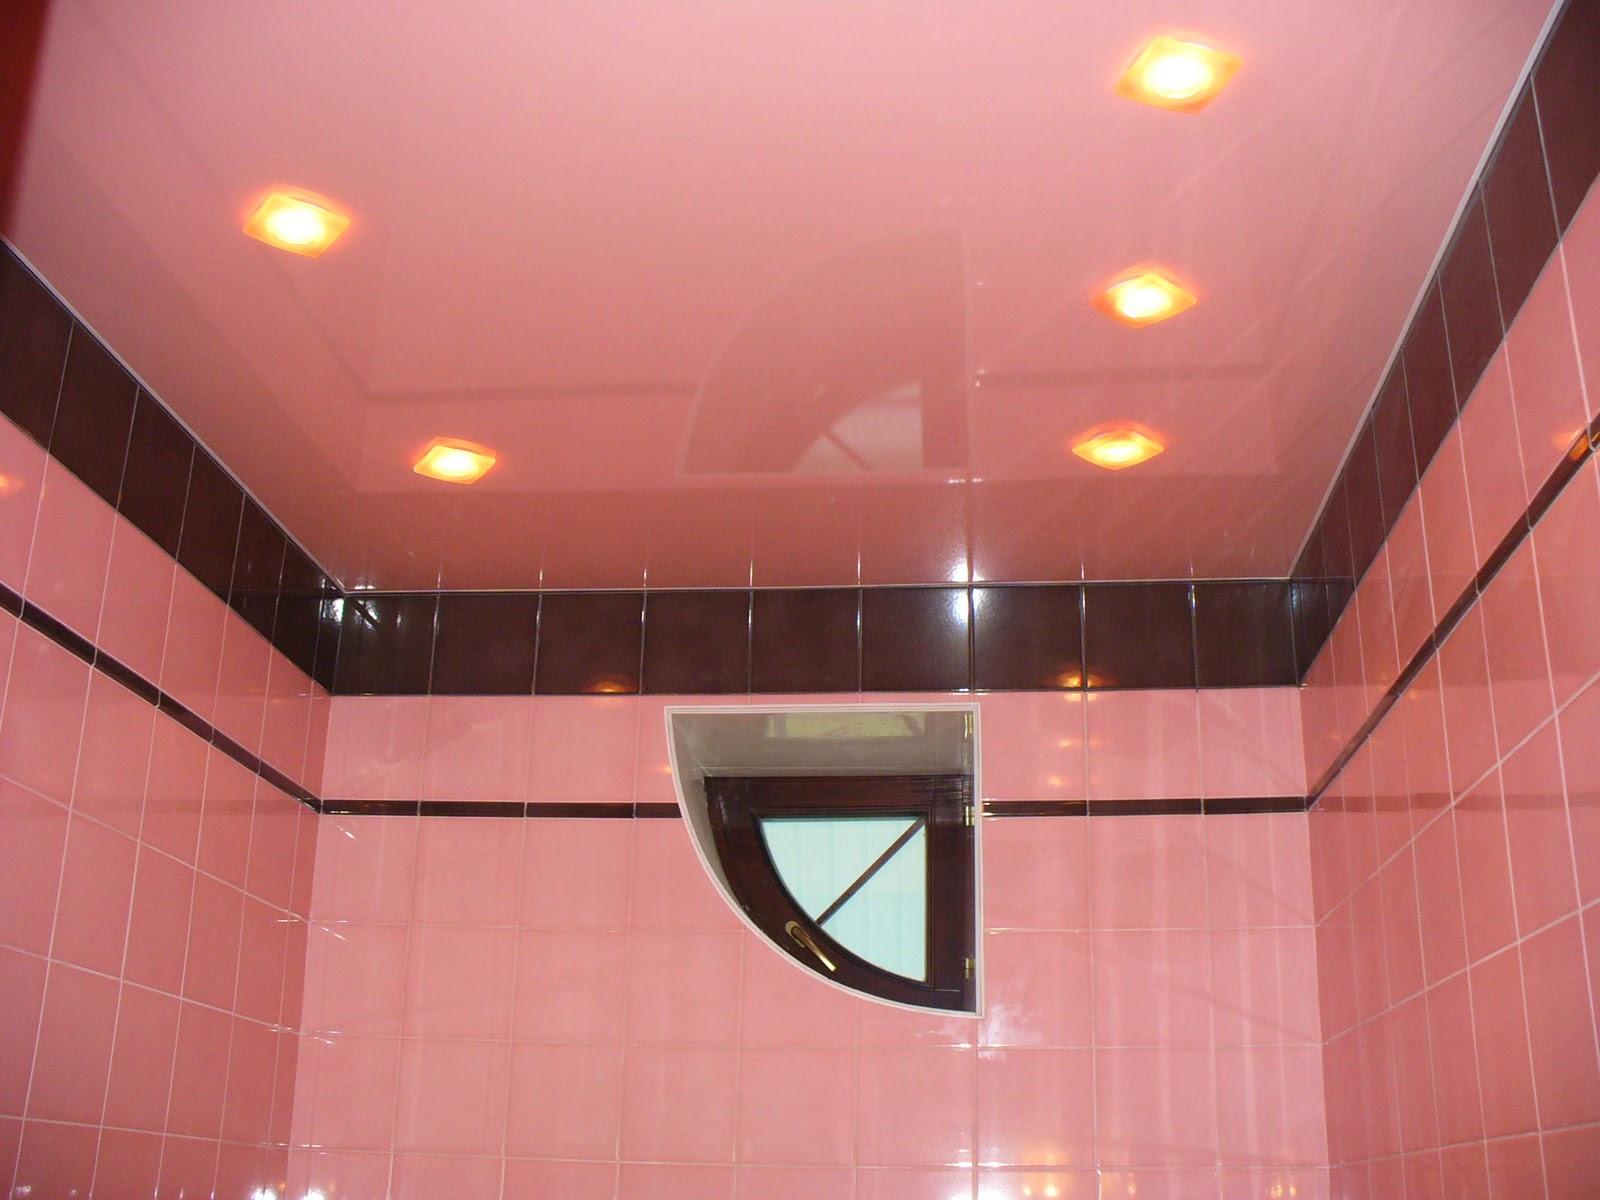 розовый глянцевый потолок